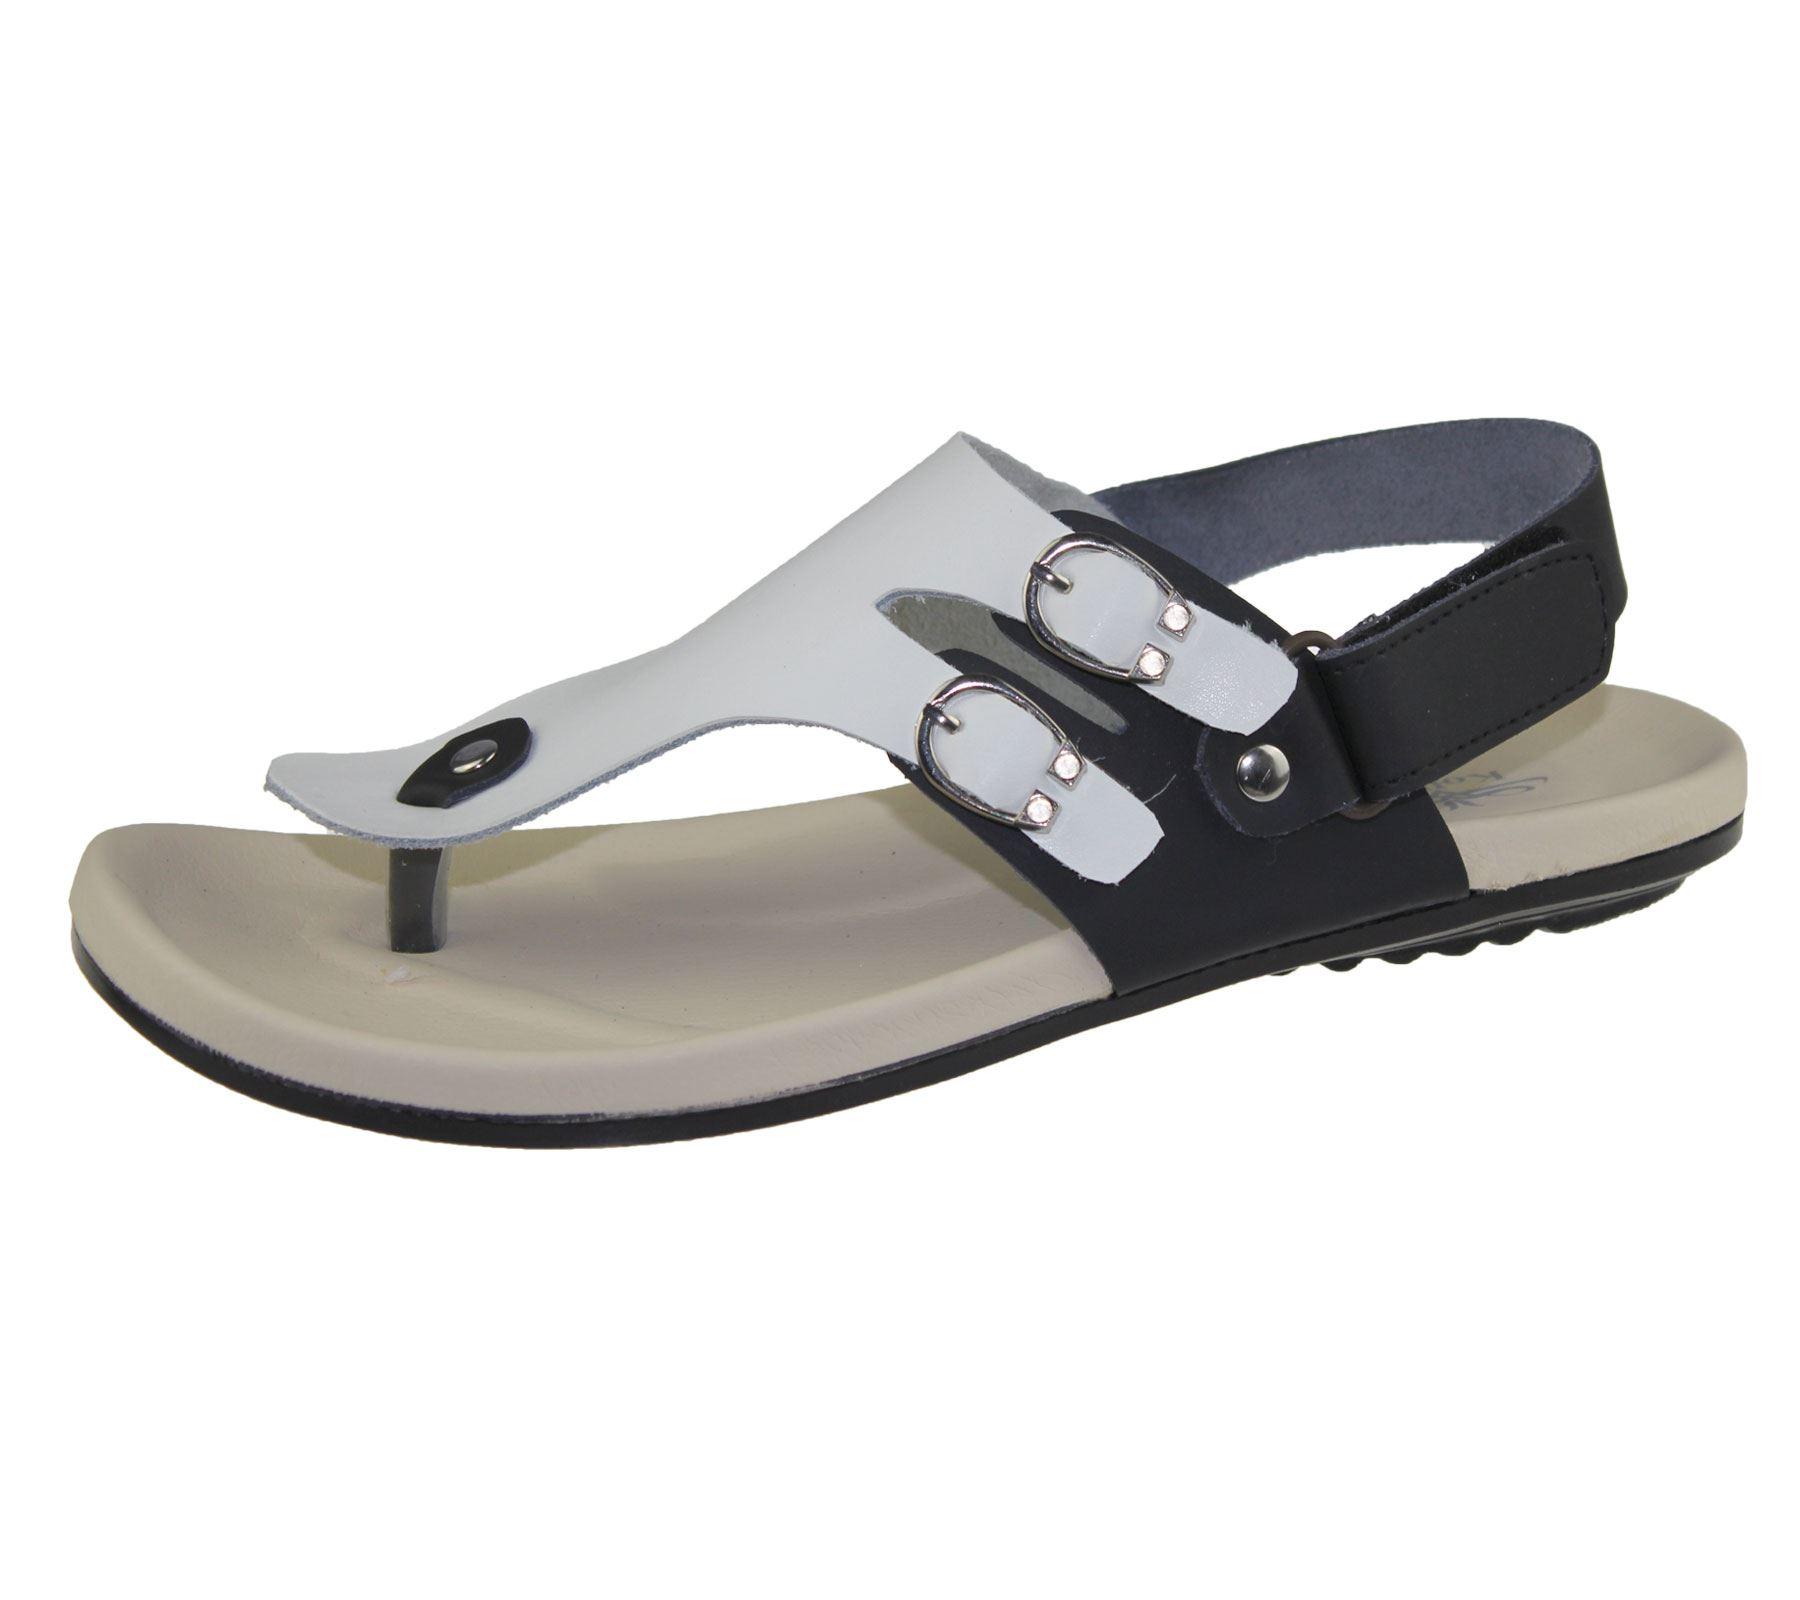 Mens Sandals Casual Beach Fashion Boys